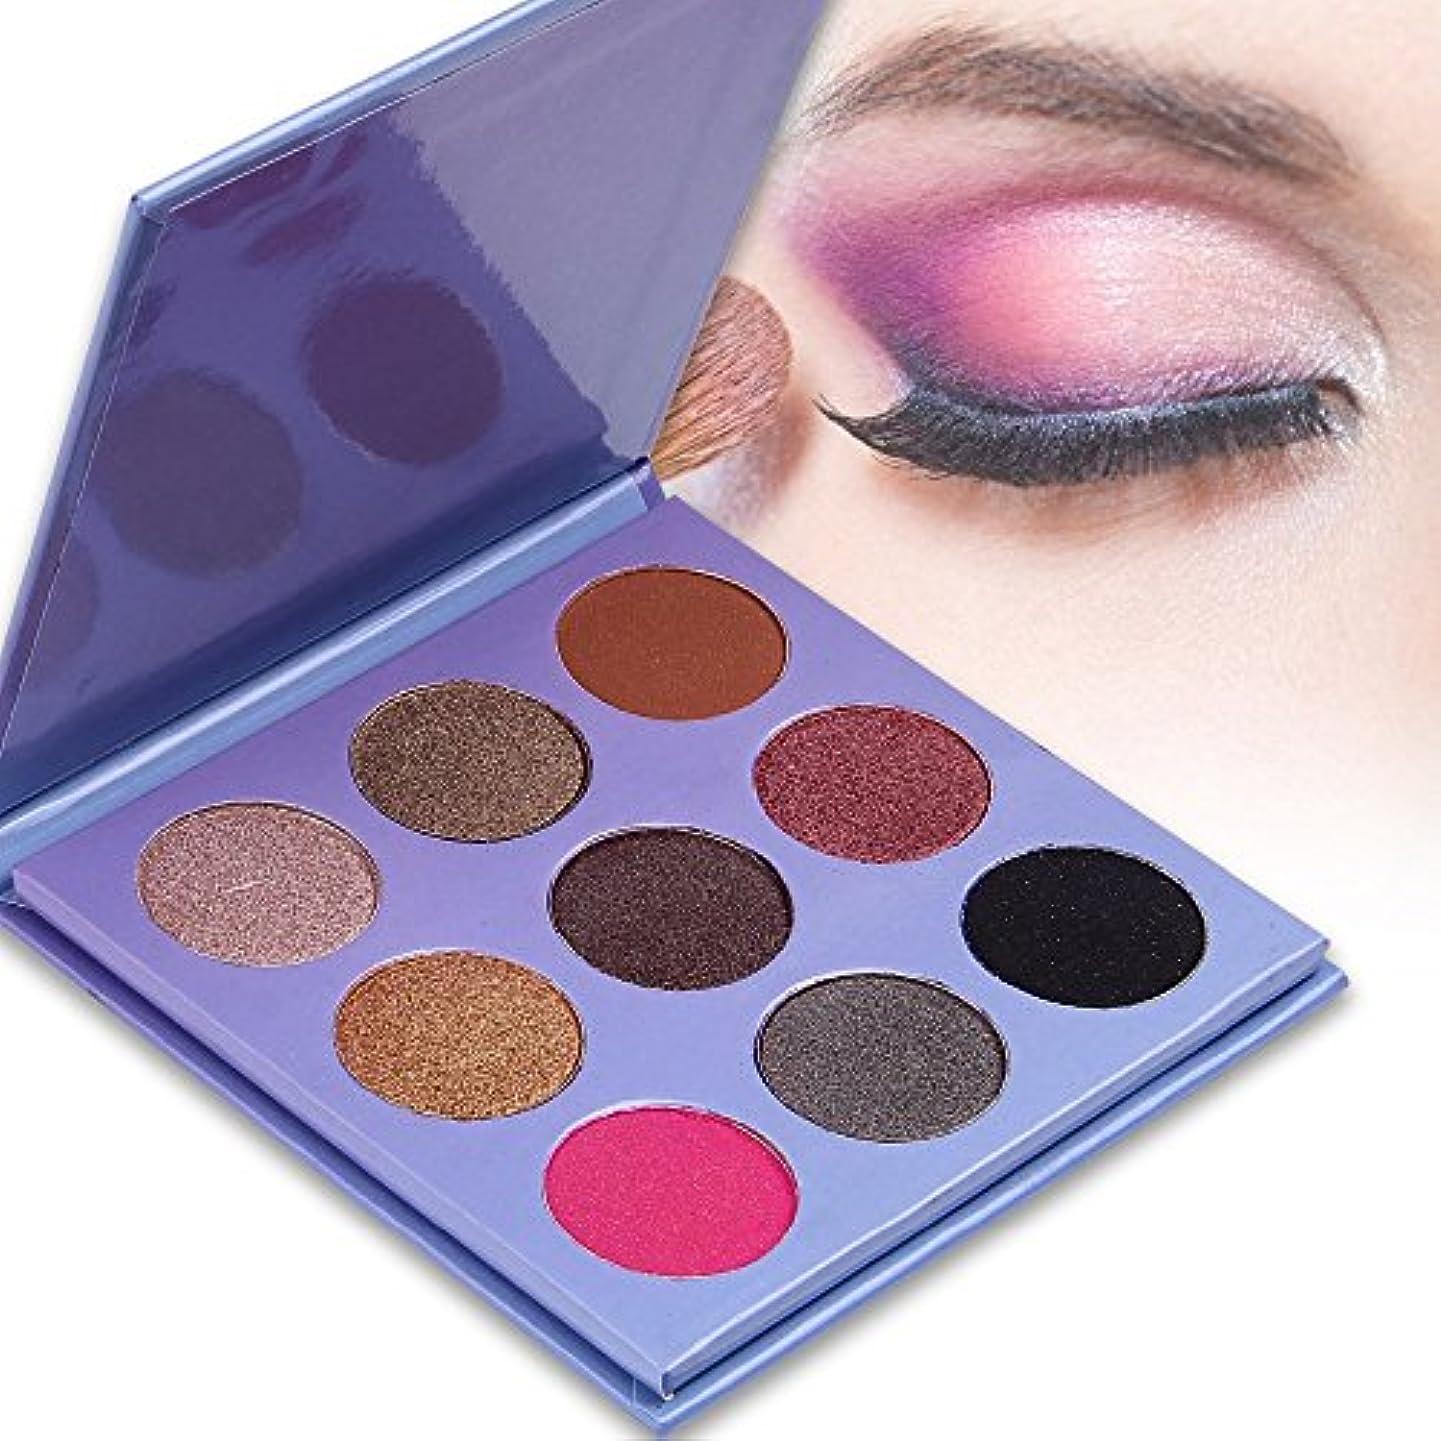 ギャングスター湿った順応性のあるAkane アイシャドウパレット ファッション 魅力的 プロ 綺麗 チャーム マット つや消し 人気 長持ち おしゃれ 持ち便利 日常 仕事 Eye Shadow (9色)